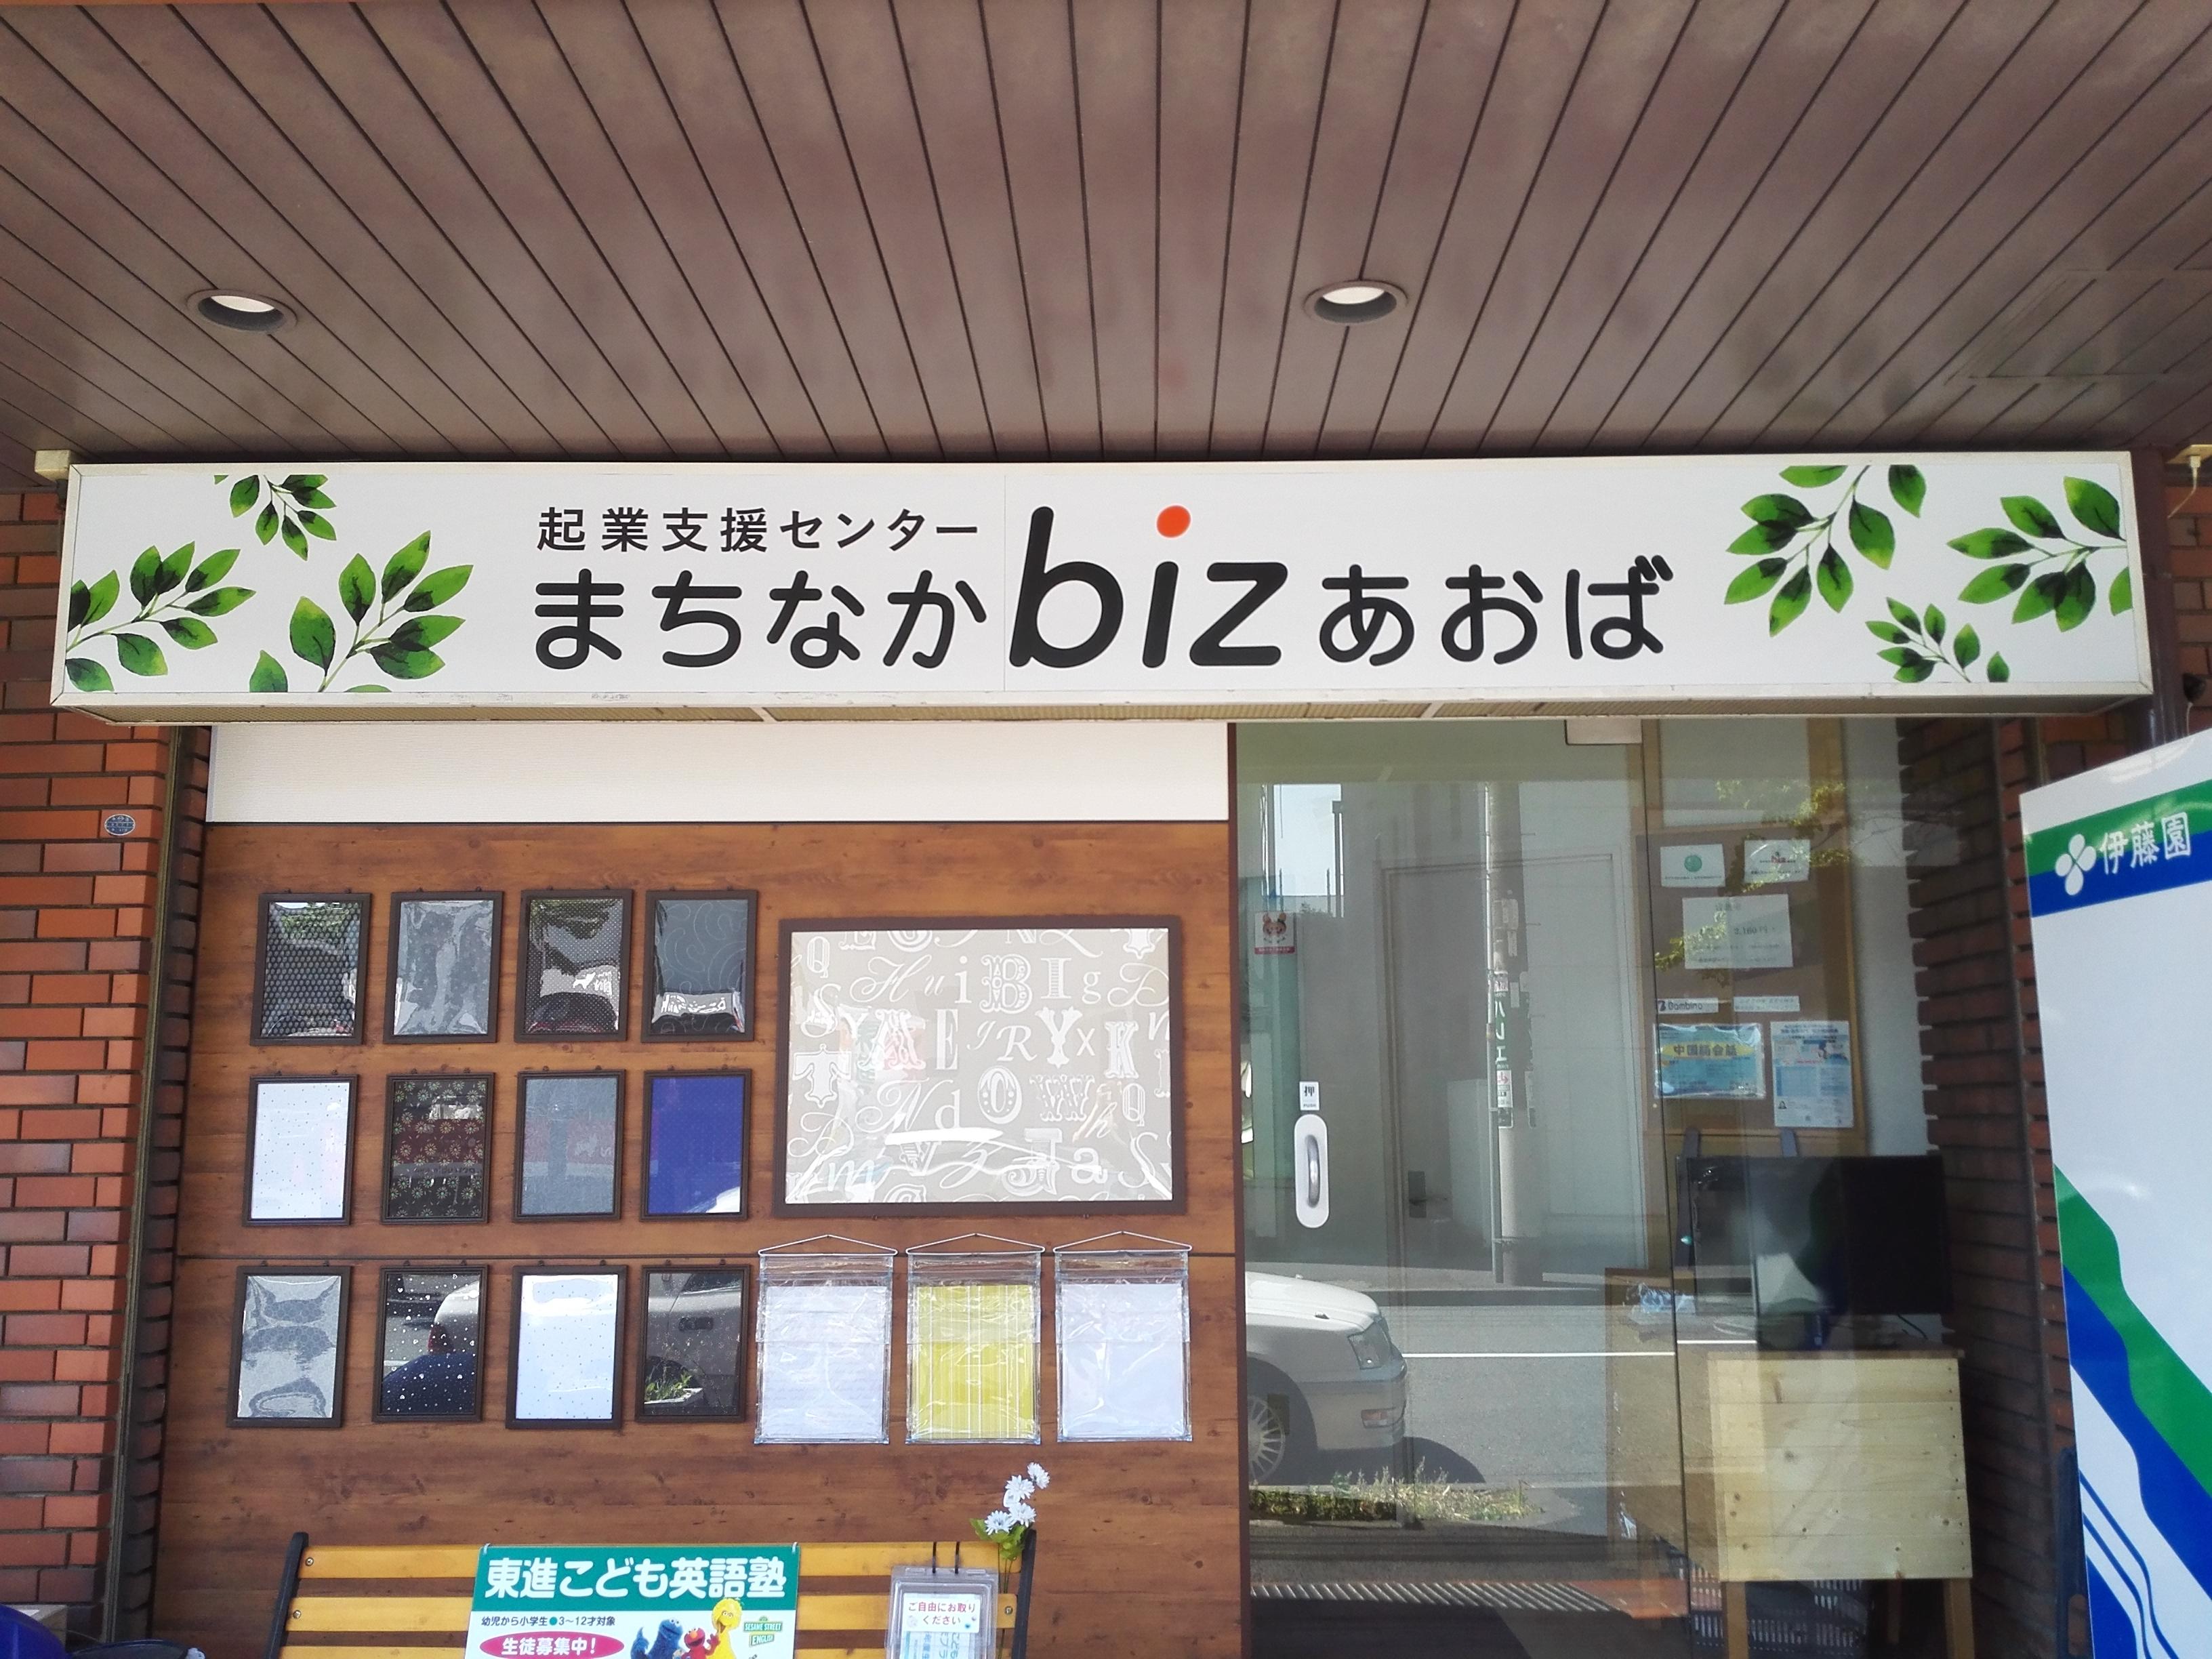 【オンライン講座】小規模事業者持続化補助金活用セミナー《4月16日(火)》